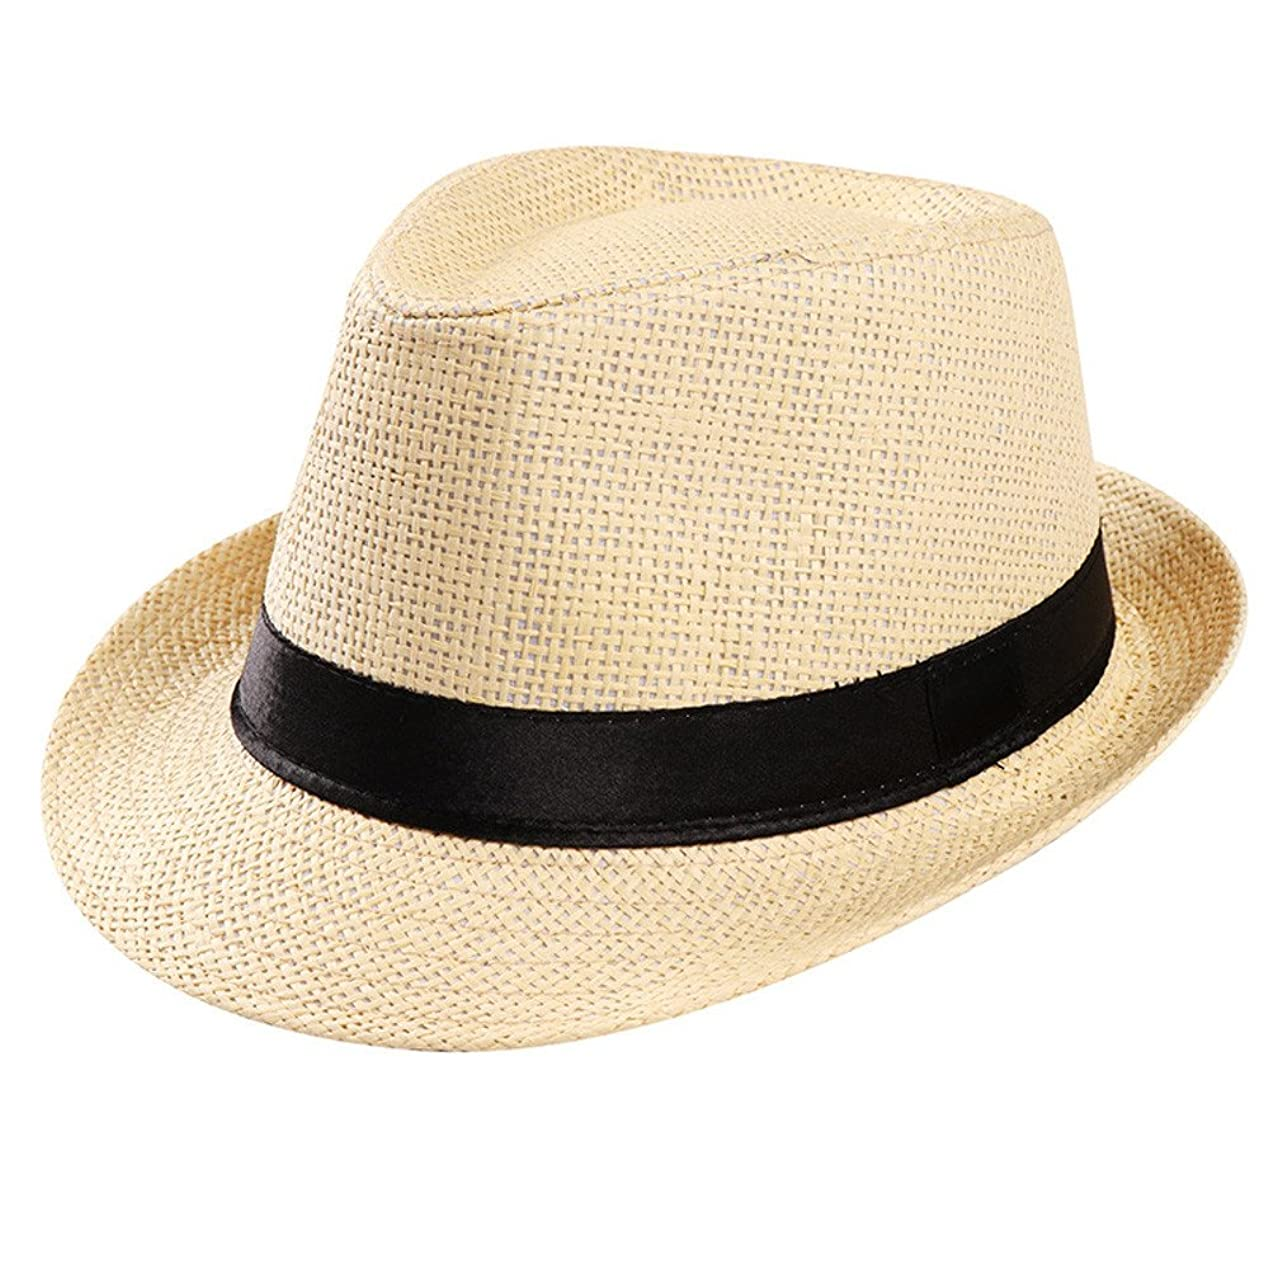 母ハウジング暴力的なCharku 麦わら帽子 折りたたみ可能 大きいサイズ メンズ 麦わら帽子 ストローハットUVカット 日よけ 帽子 つば広 ハット軽量 無地 レディース ストローハットつば広 帽子 軽量 洗える 紫外線対策 ハット カジュアル 旅行用 日よけ 夏季